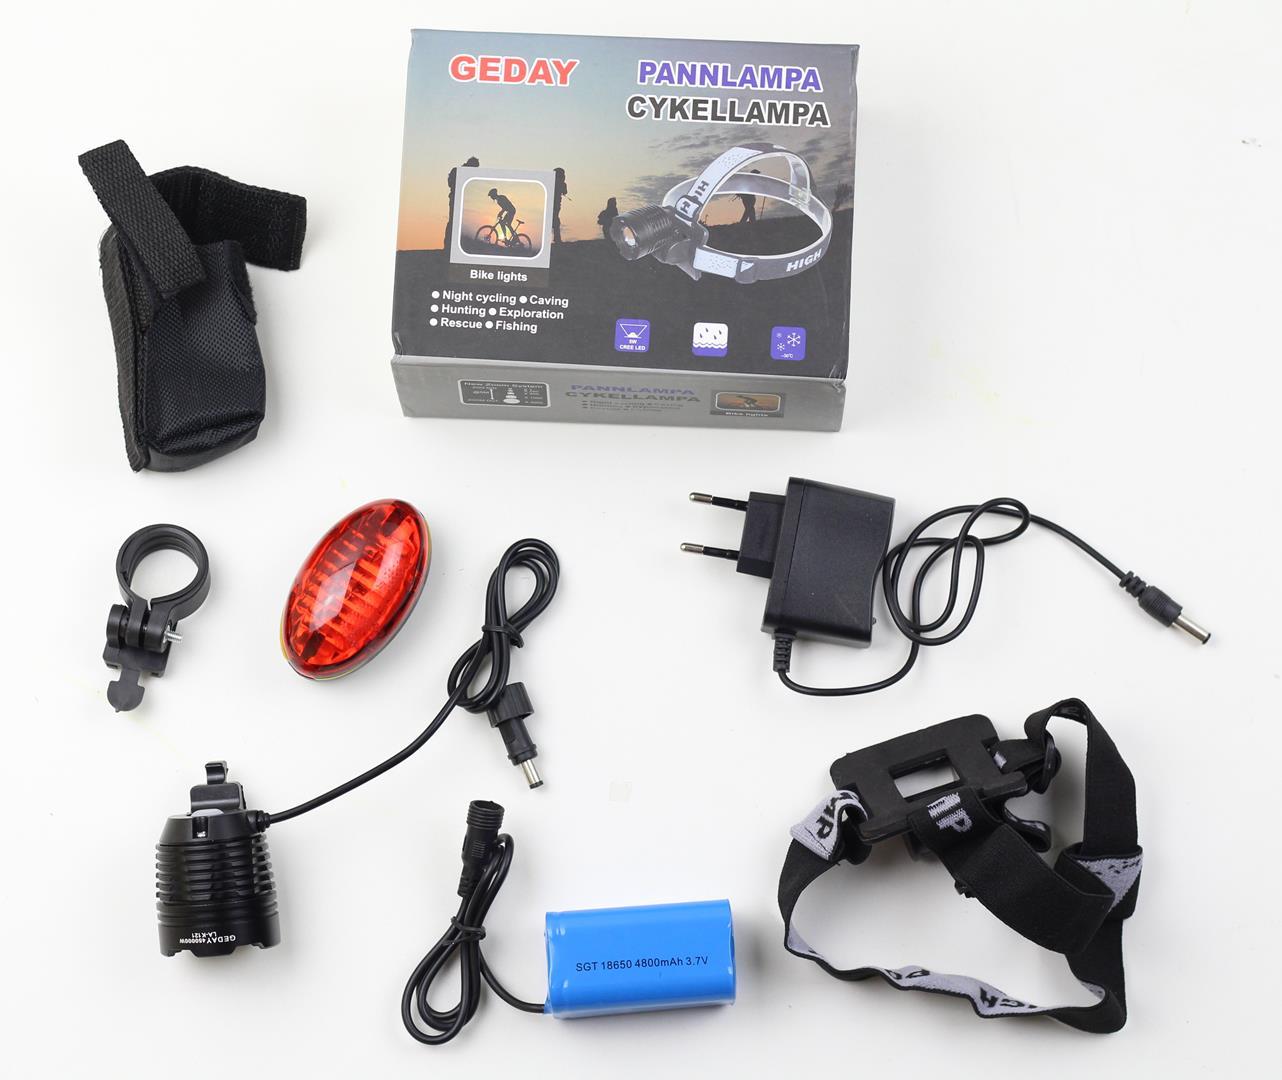 Farol para Bicicletas com Super Led Cree T6 Bateria Recarregável de 4 células Zoom e Foco Ajustável